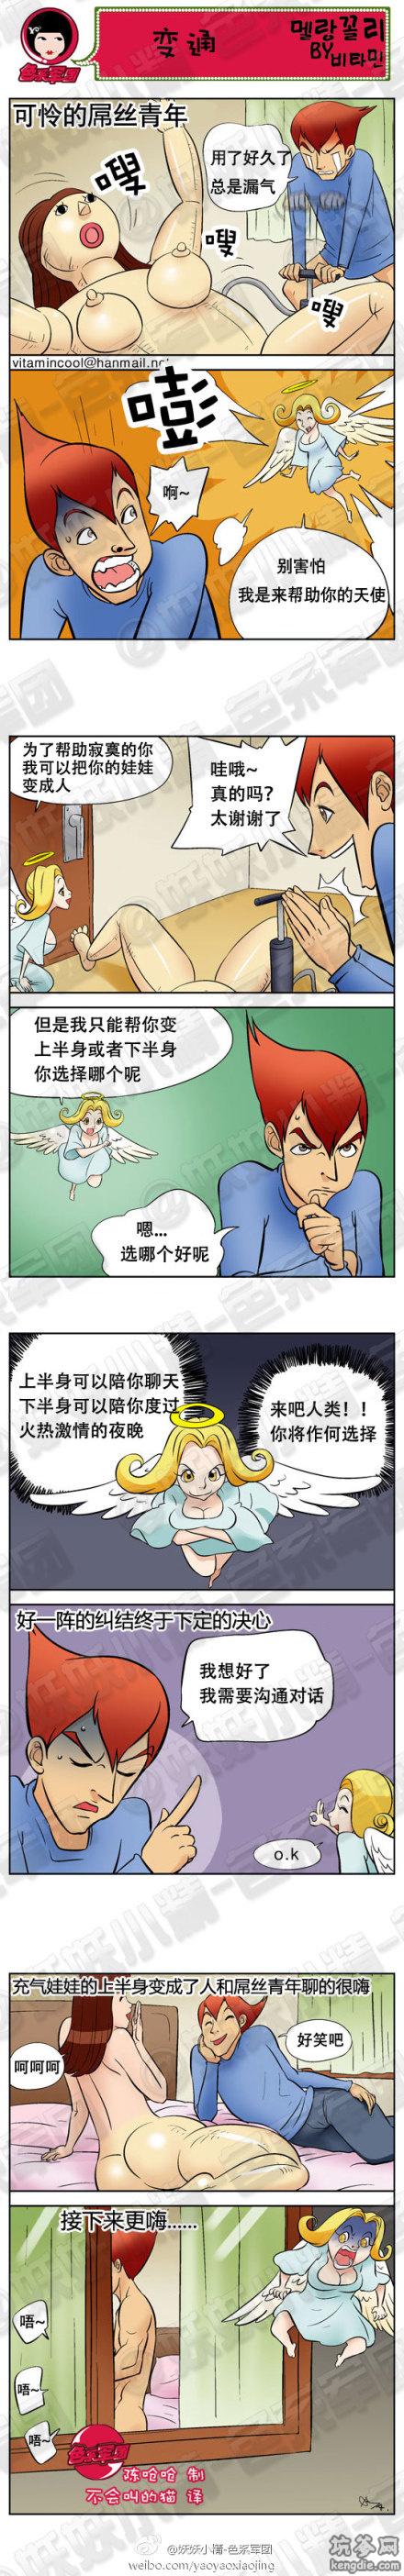 色系军团邪恶漫画:聪明的屌丝